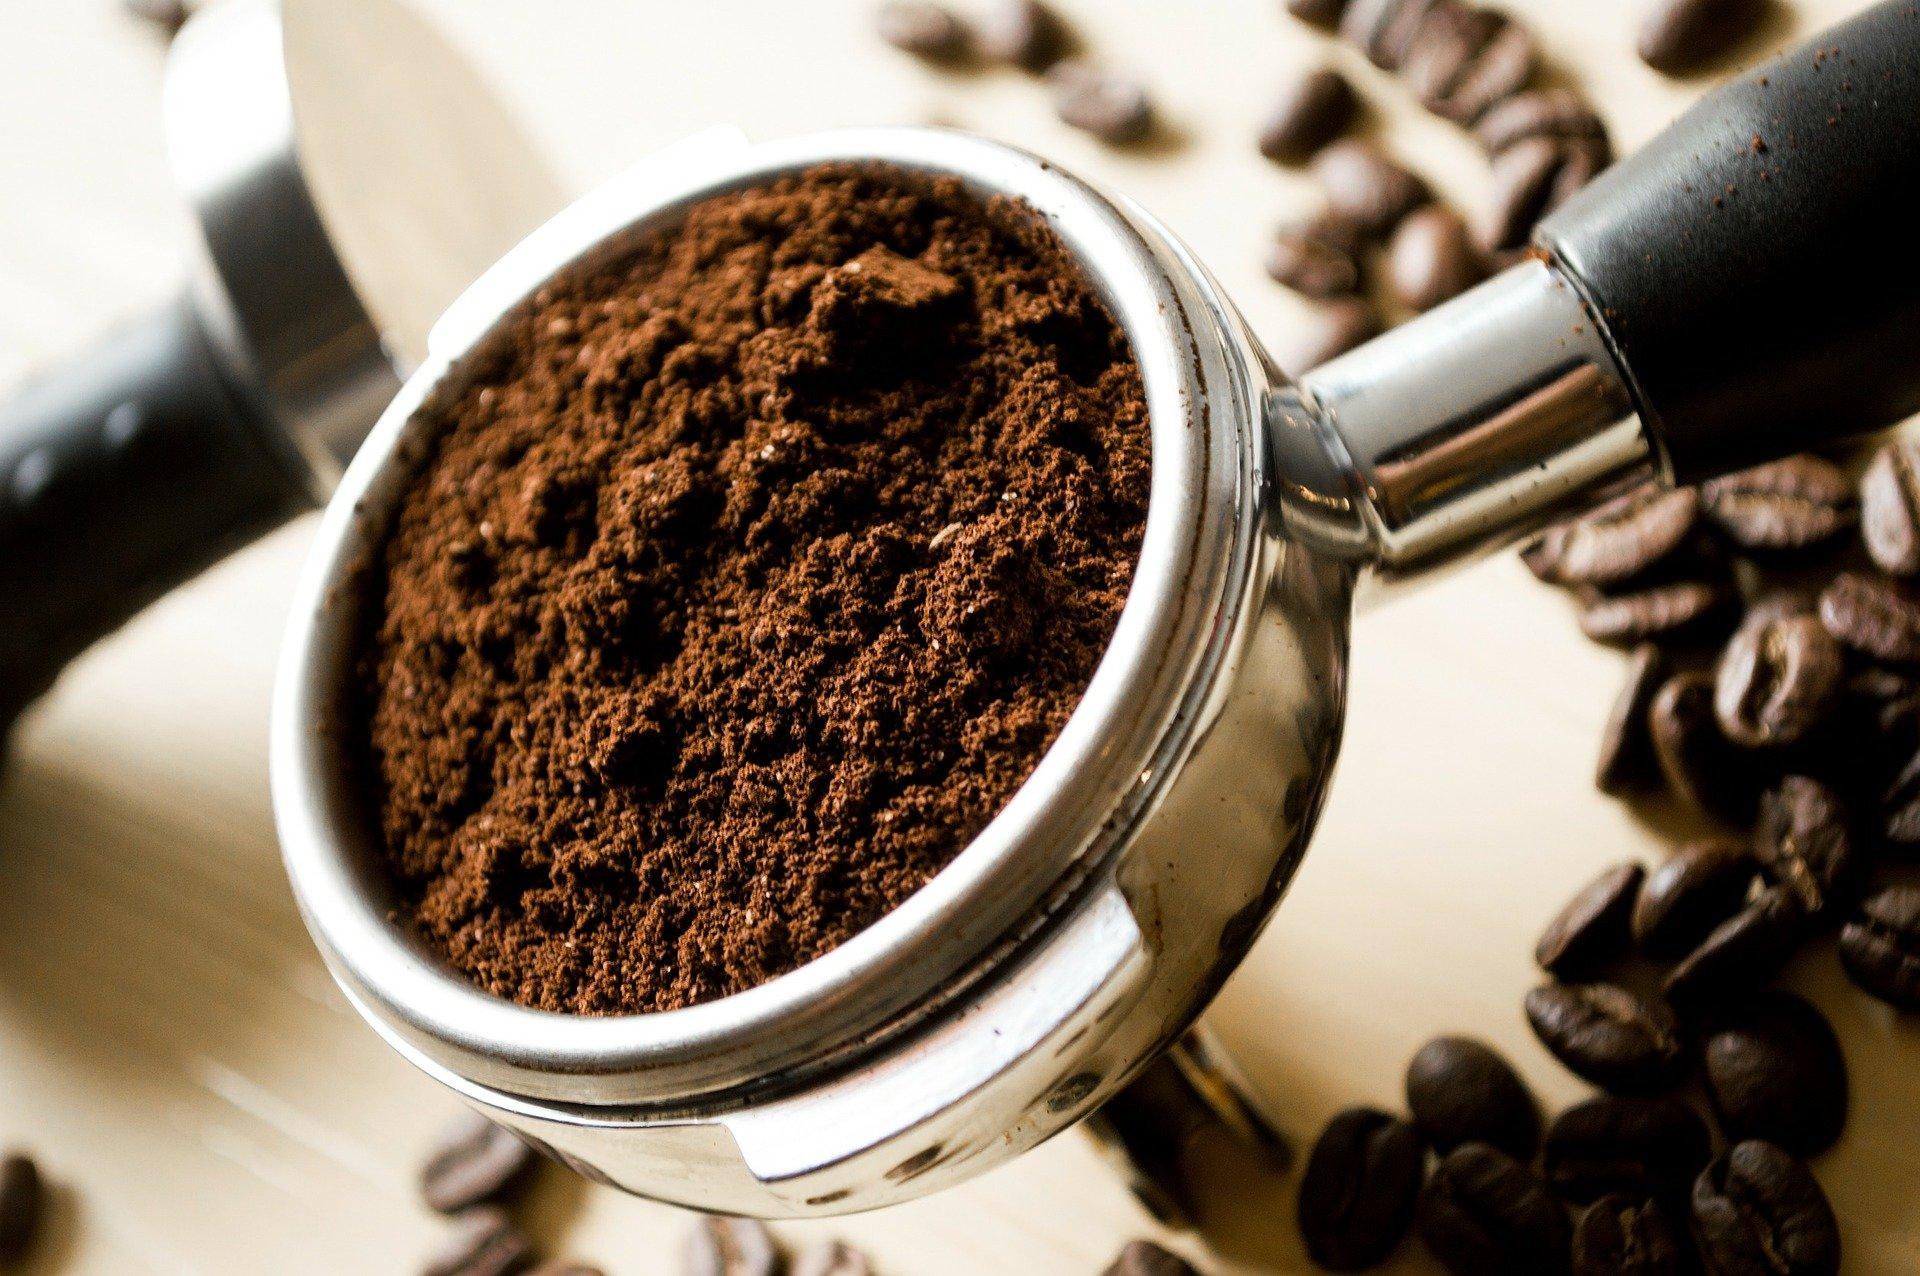 Copenhagen diet - radical coffee diet